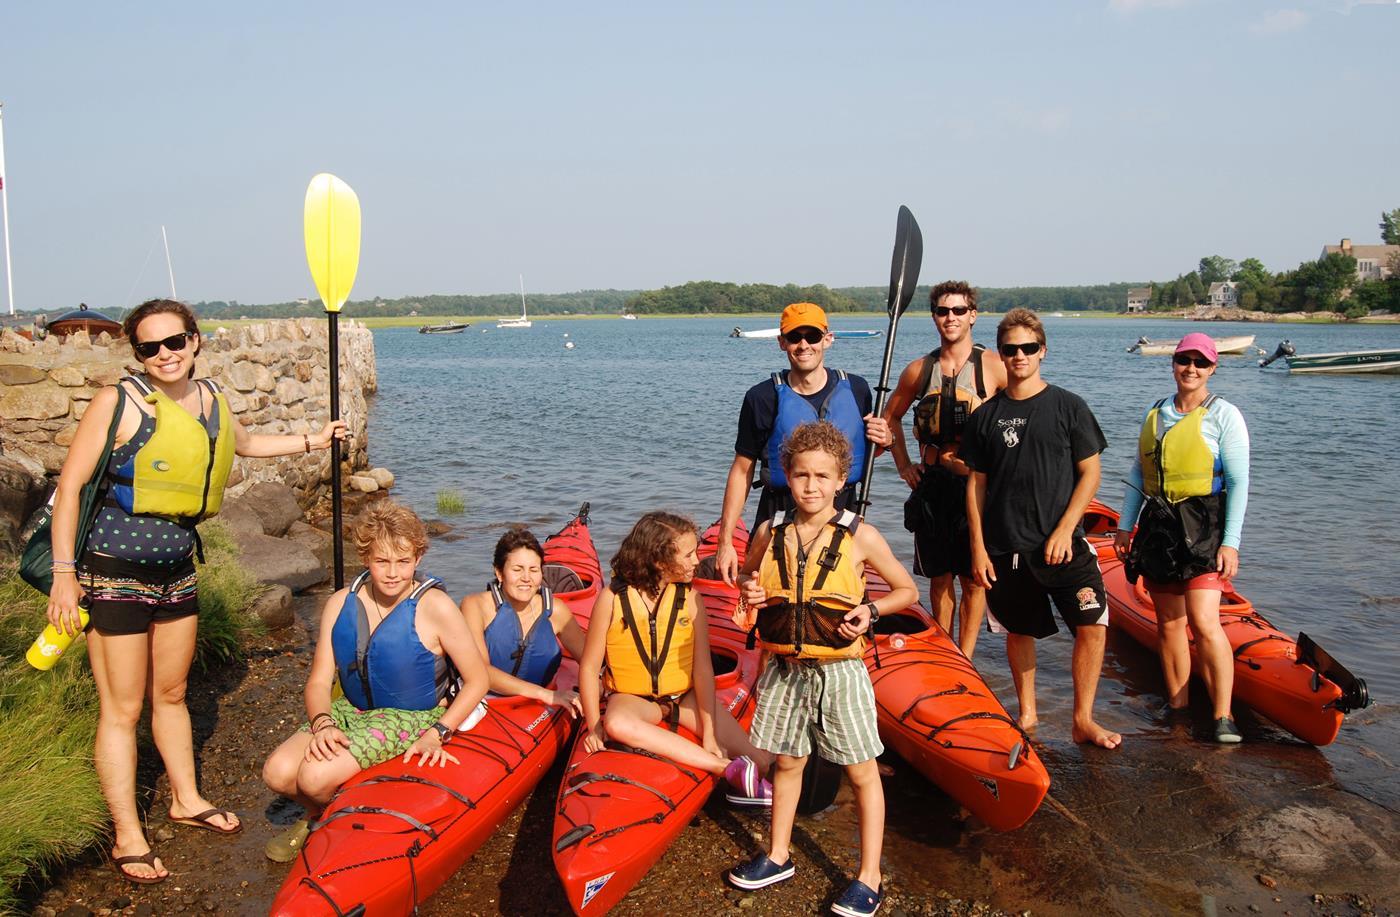 new england bike and kayak tour 3